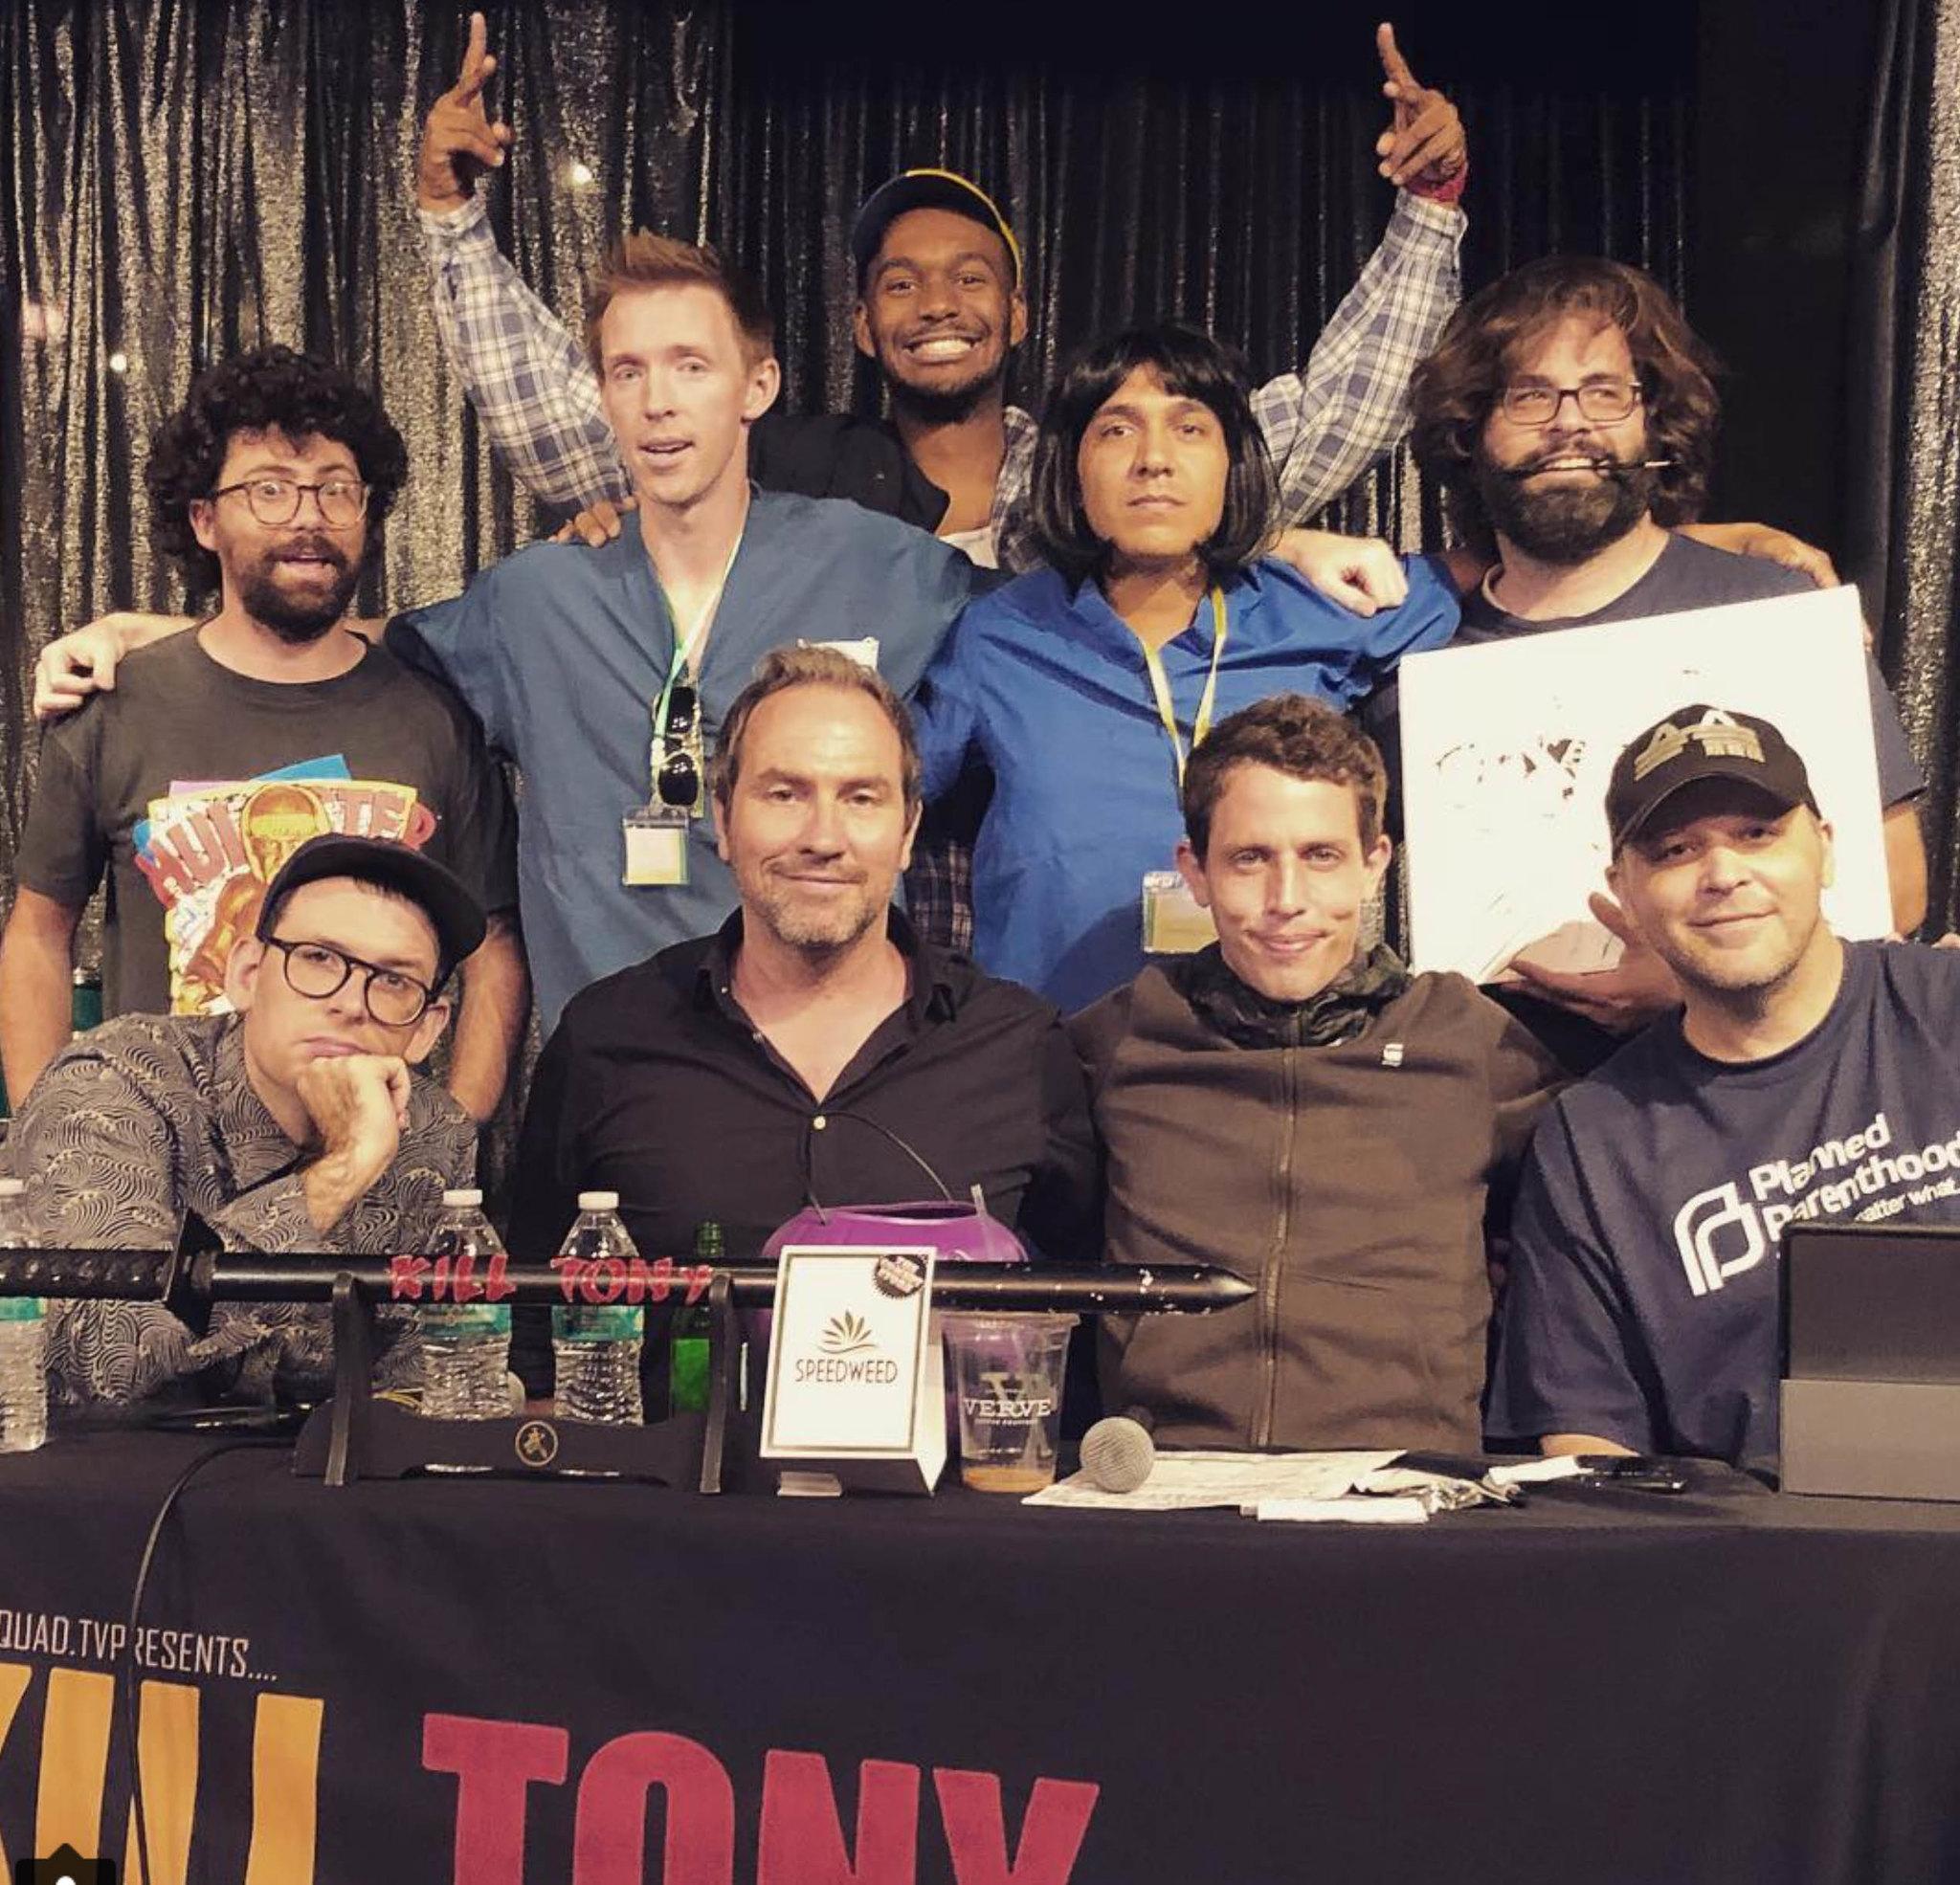 KILL TONY #278